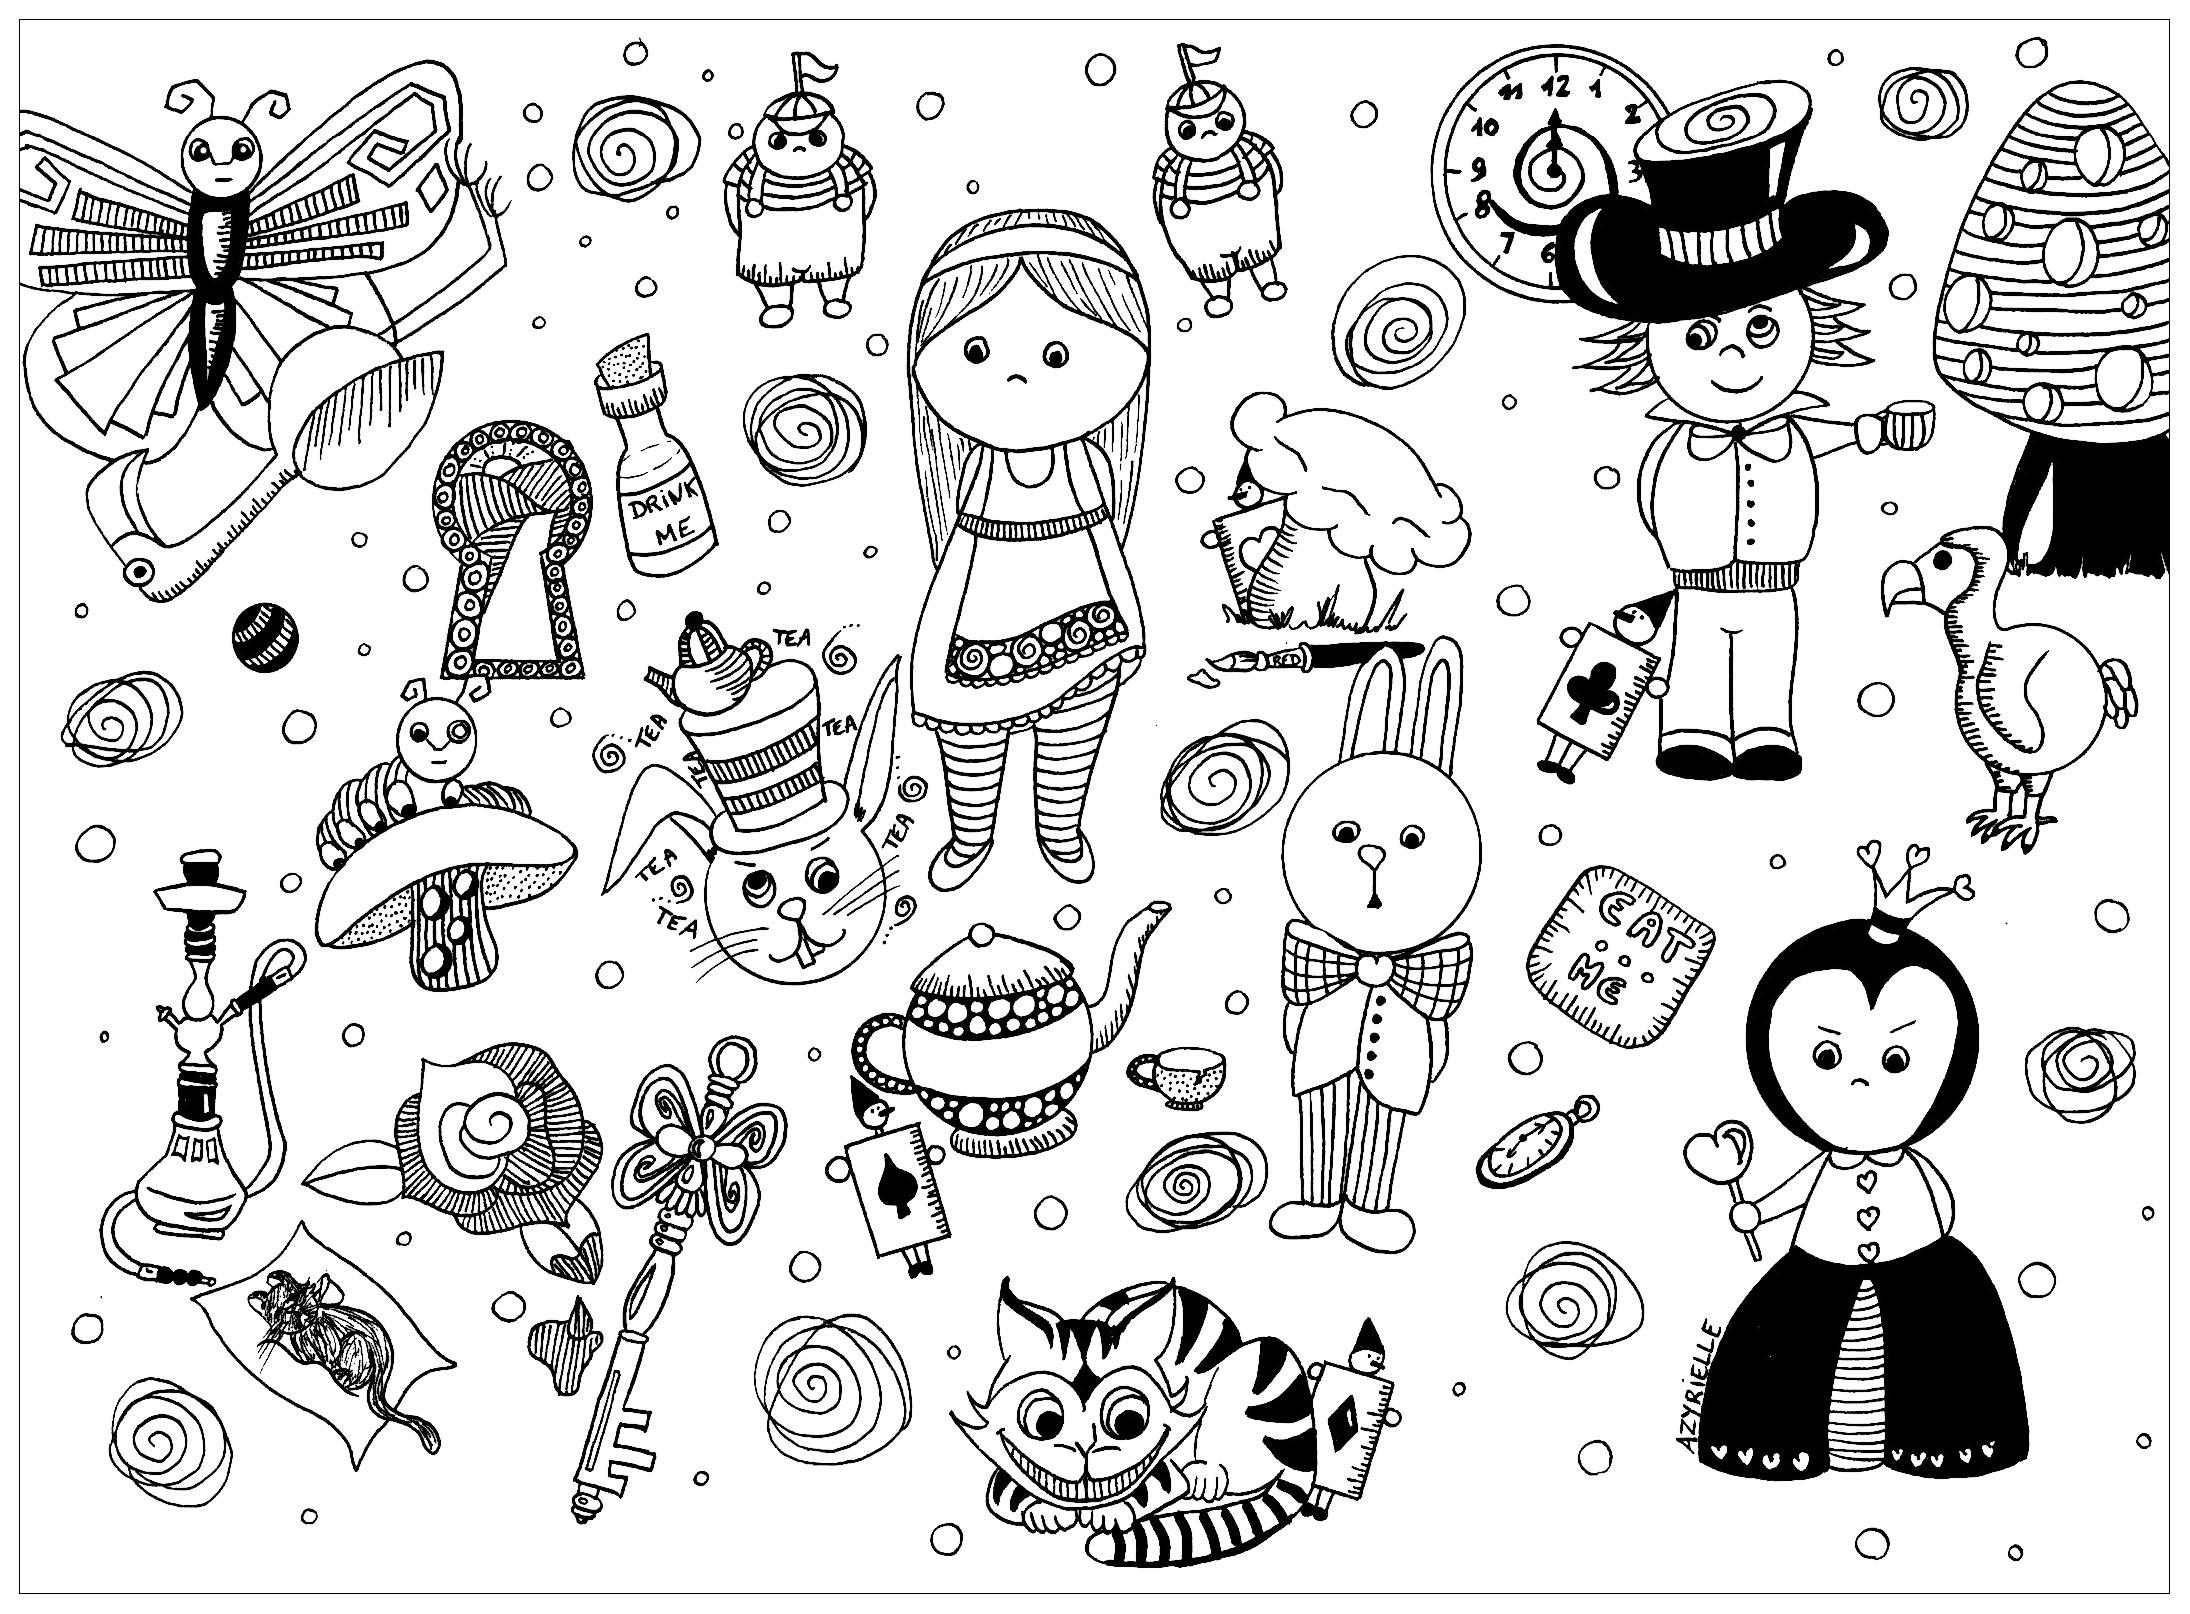 Colorear para adultos : Doodle art / Doodling - 50